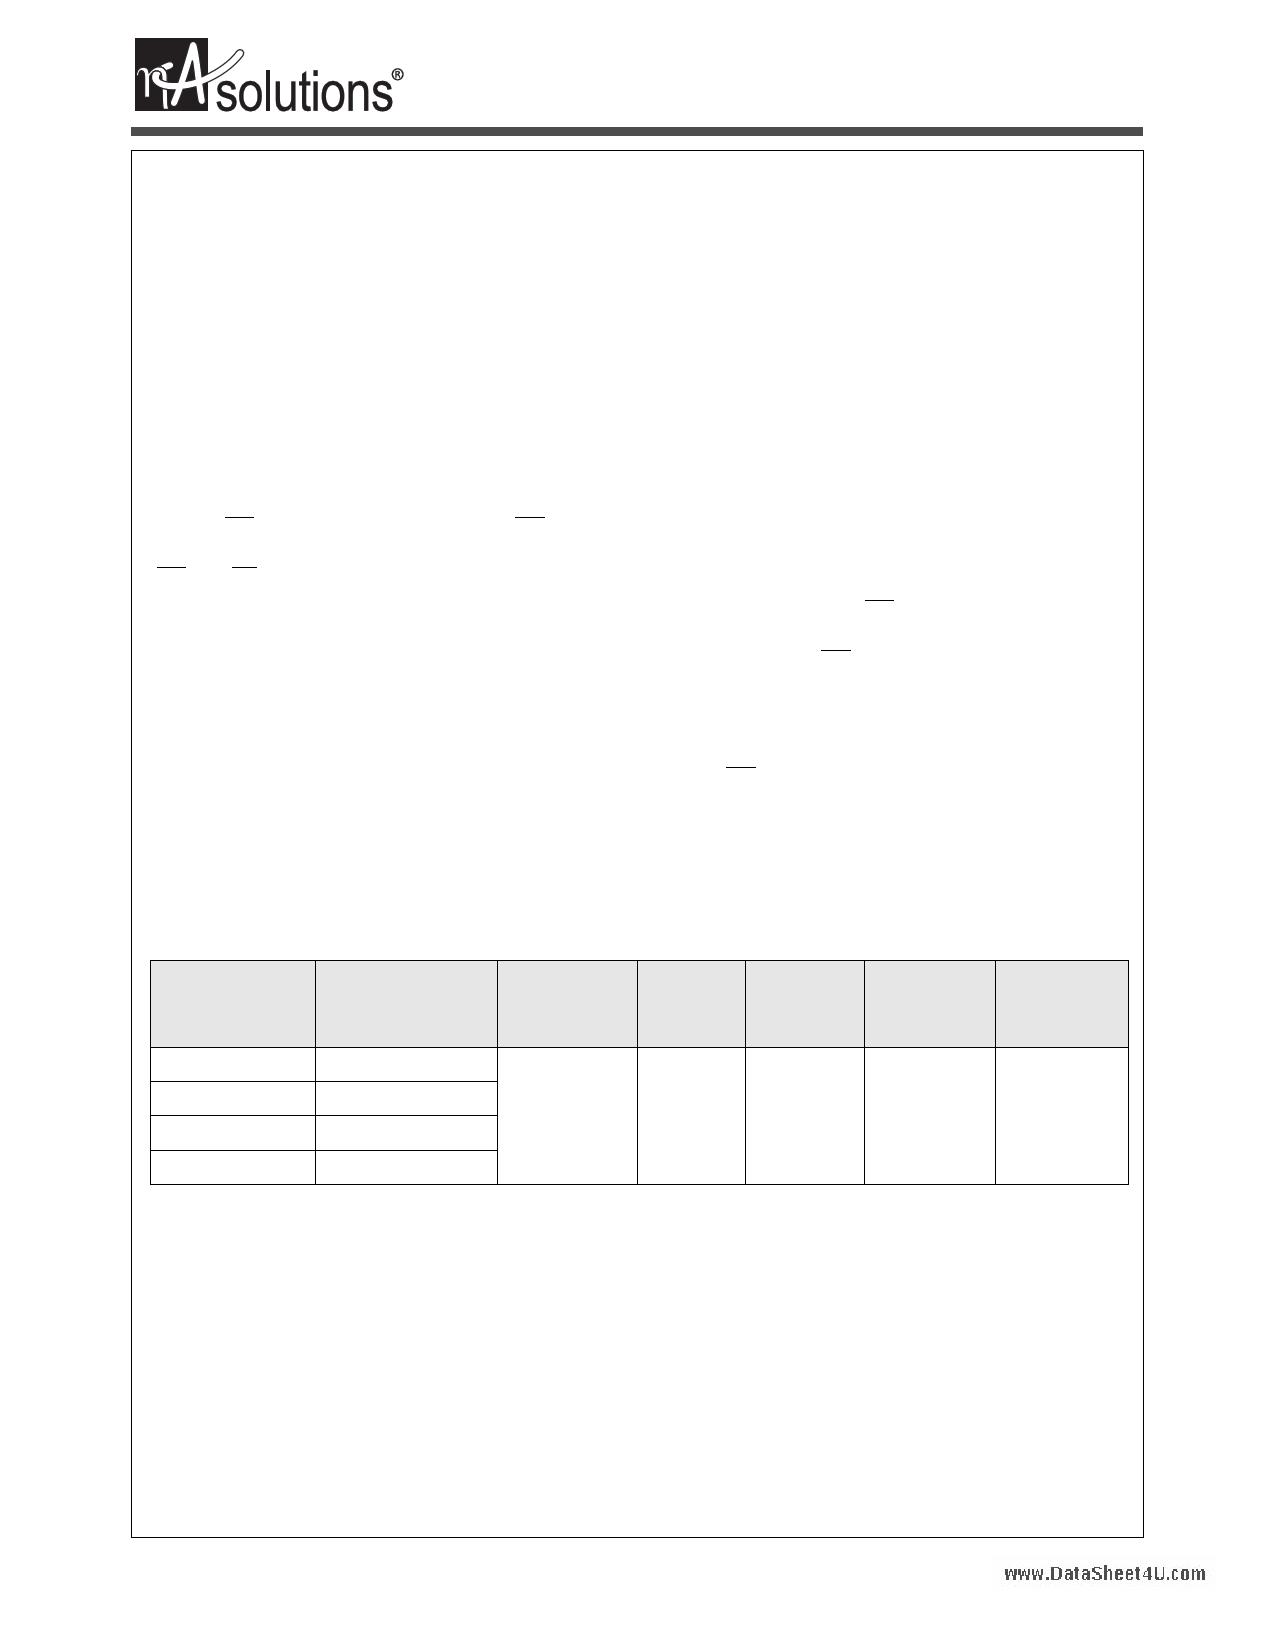 N04L163WC1A دیتاشیت PDF